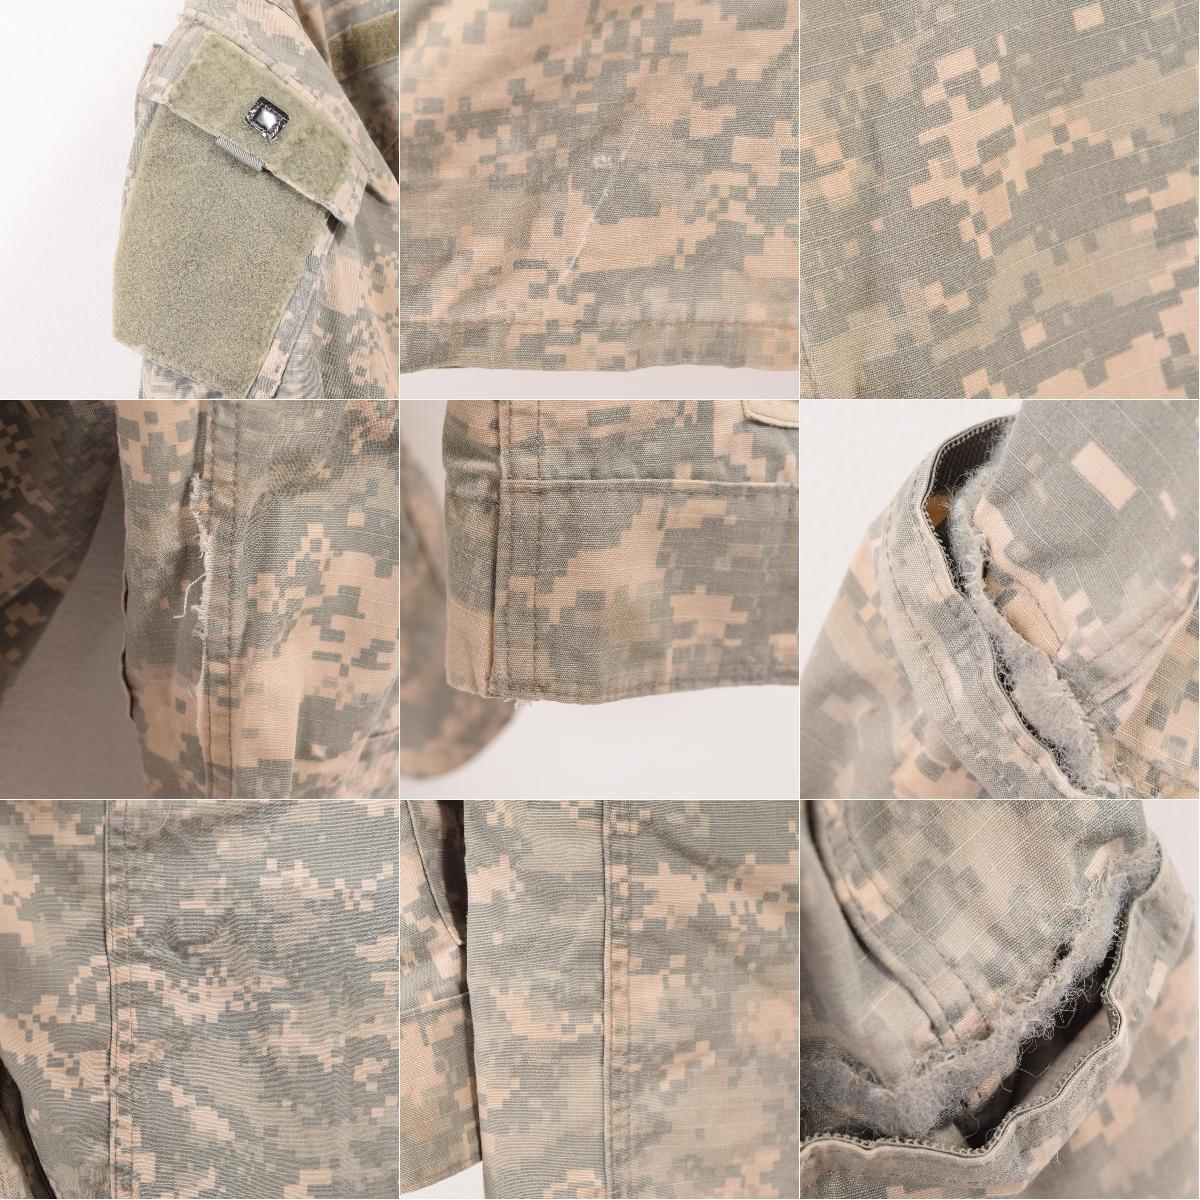 希少サイズ 05年納品 米軍実品 U S ARMY ACU デジタルカモ 迷彩 ミリタリー コンバットジャケット USA製 SMALL REGULAR メンズSwbe7558190623TJl3F1cK